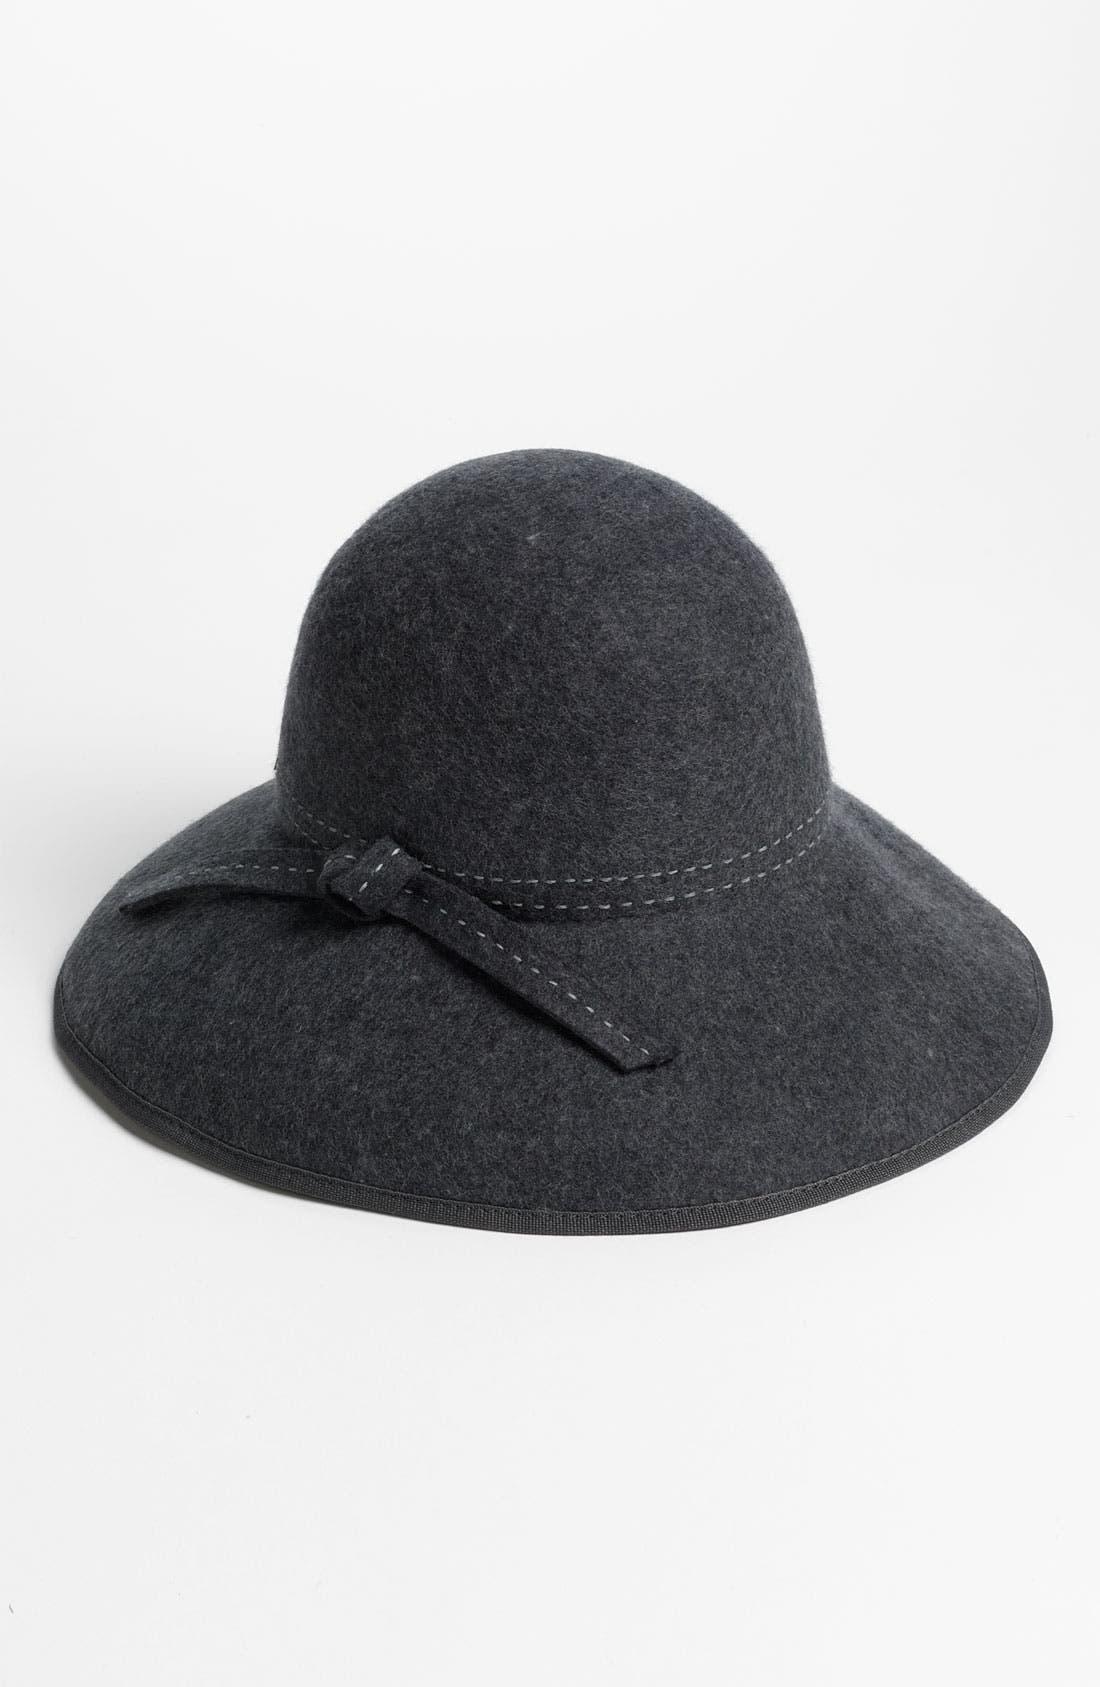 Main Image - Nordstrom Wire Brim Floppy Wool Hat